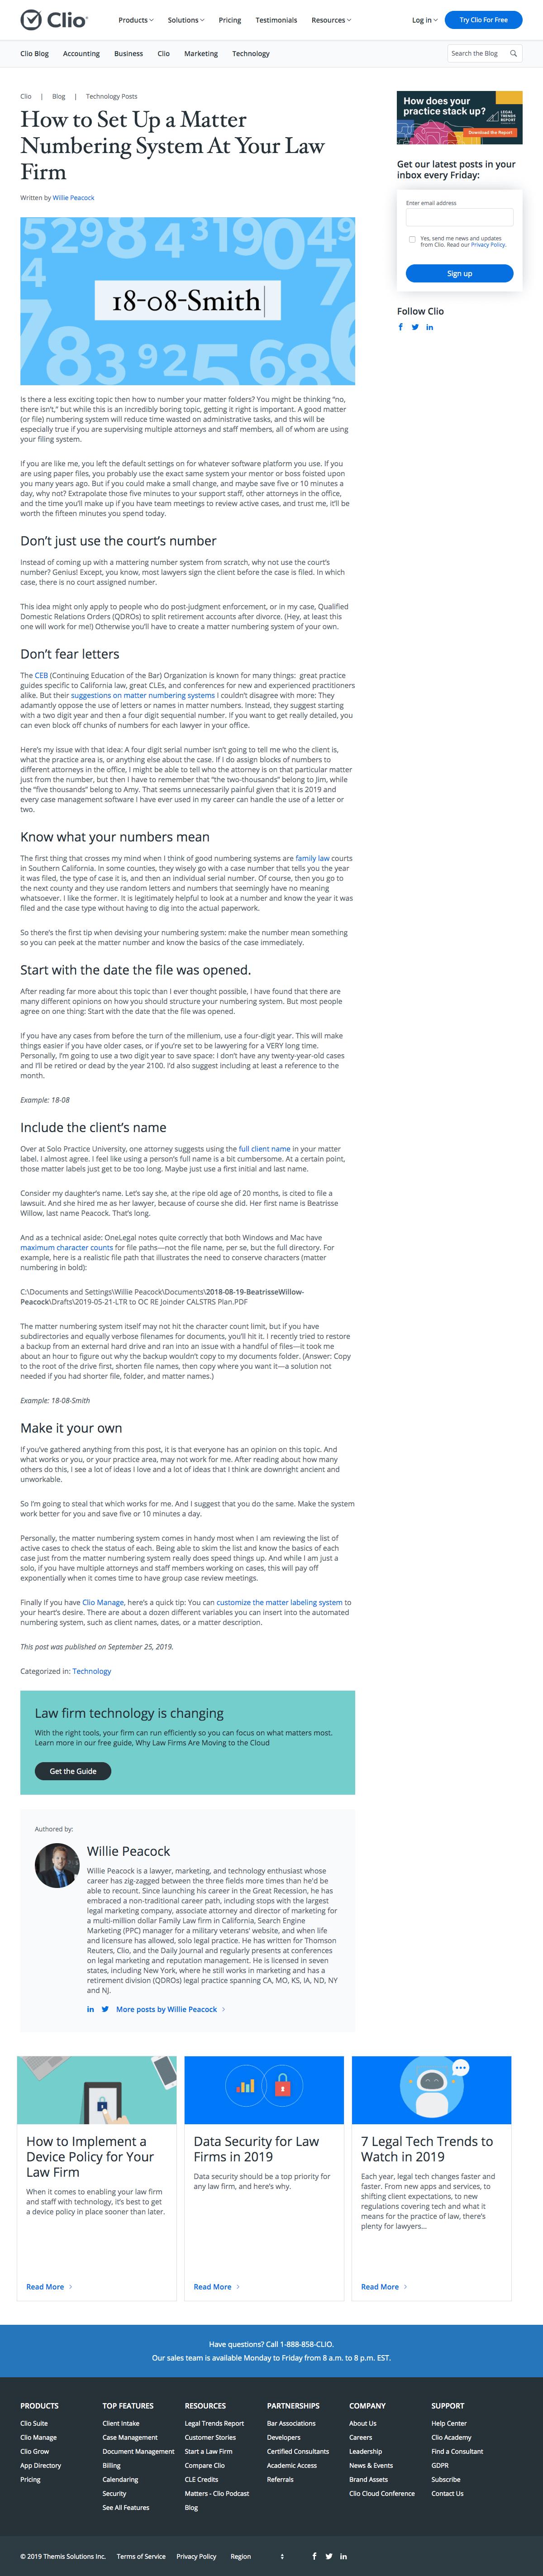 Clio - Blog Article